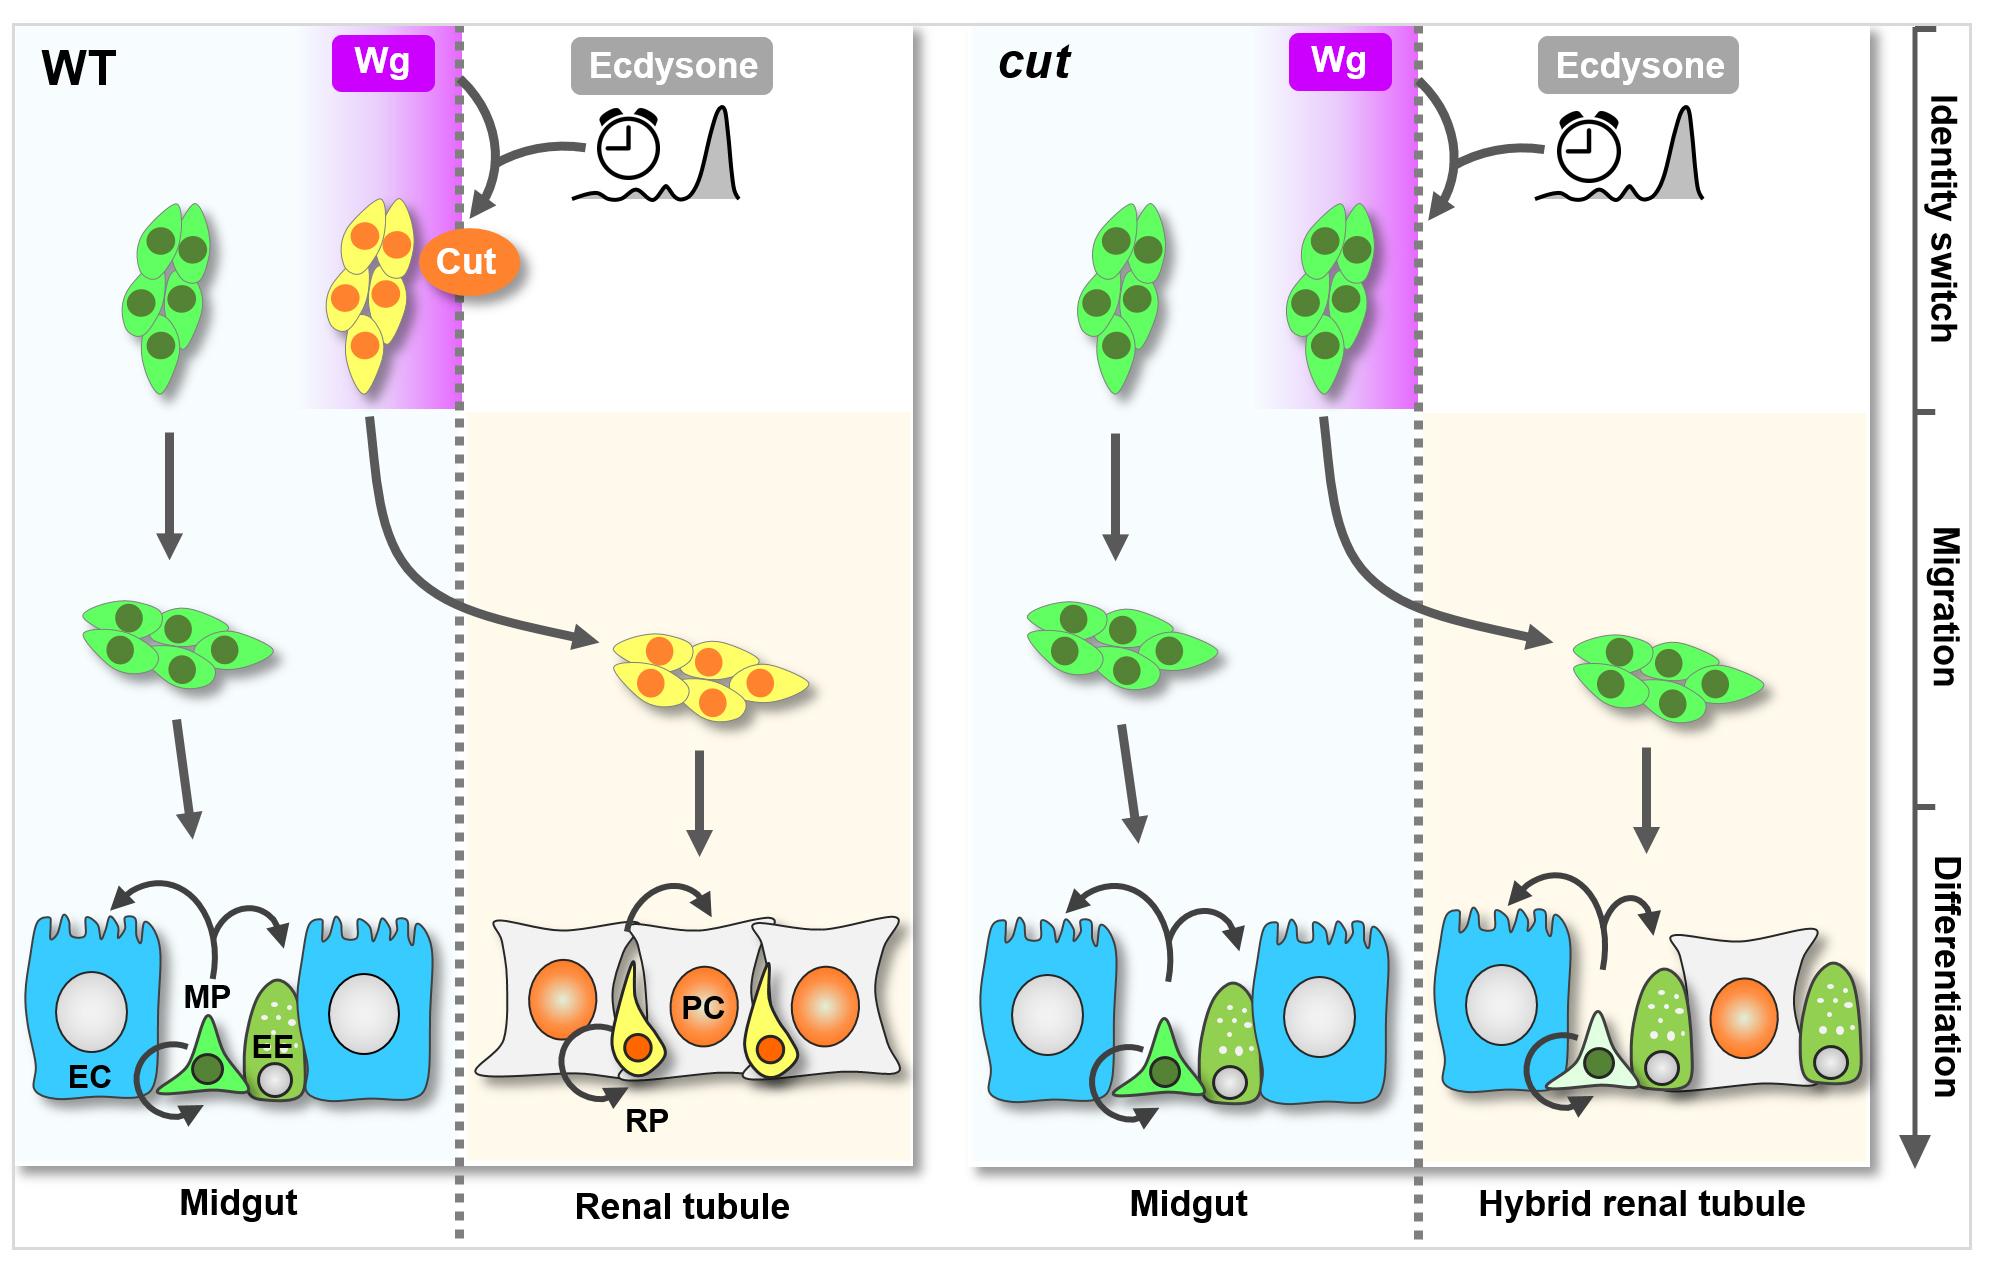 时空特异性诱导同源异型因子Cut表达控制肠道-肾管谱系自然重编程